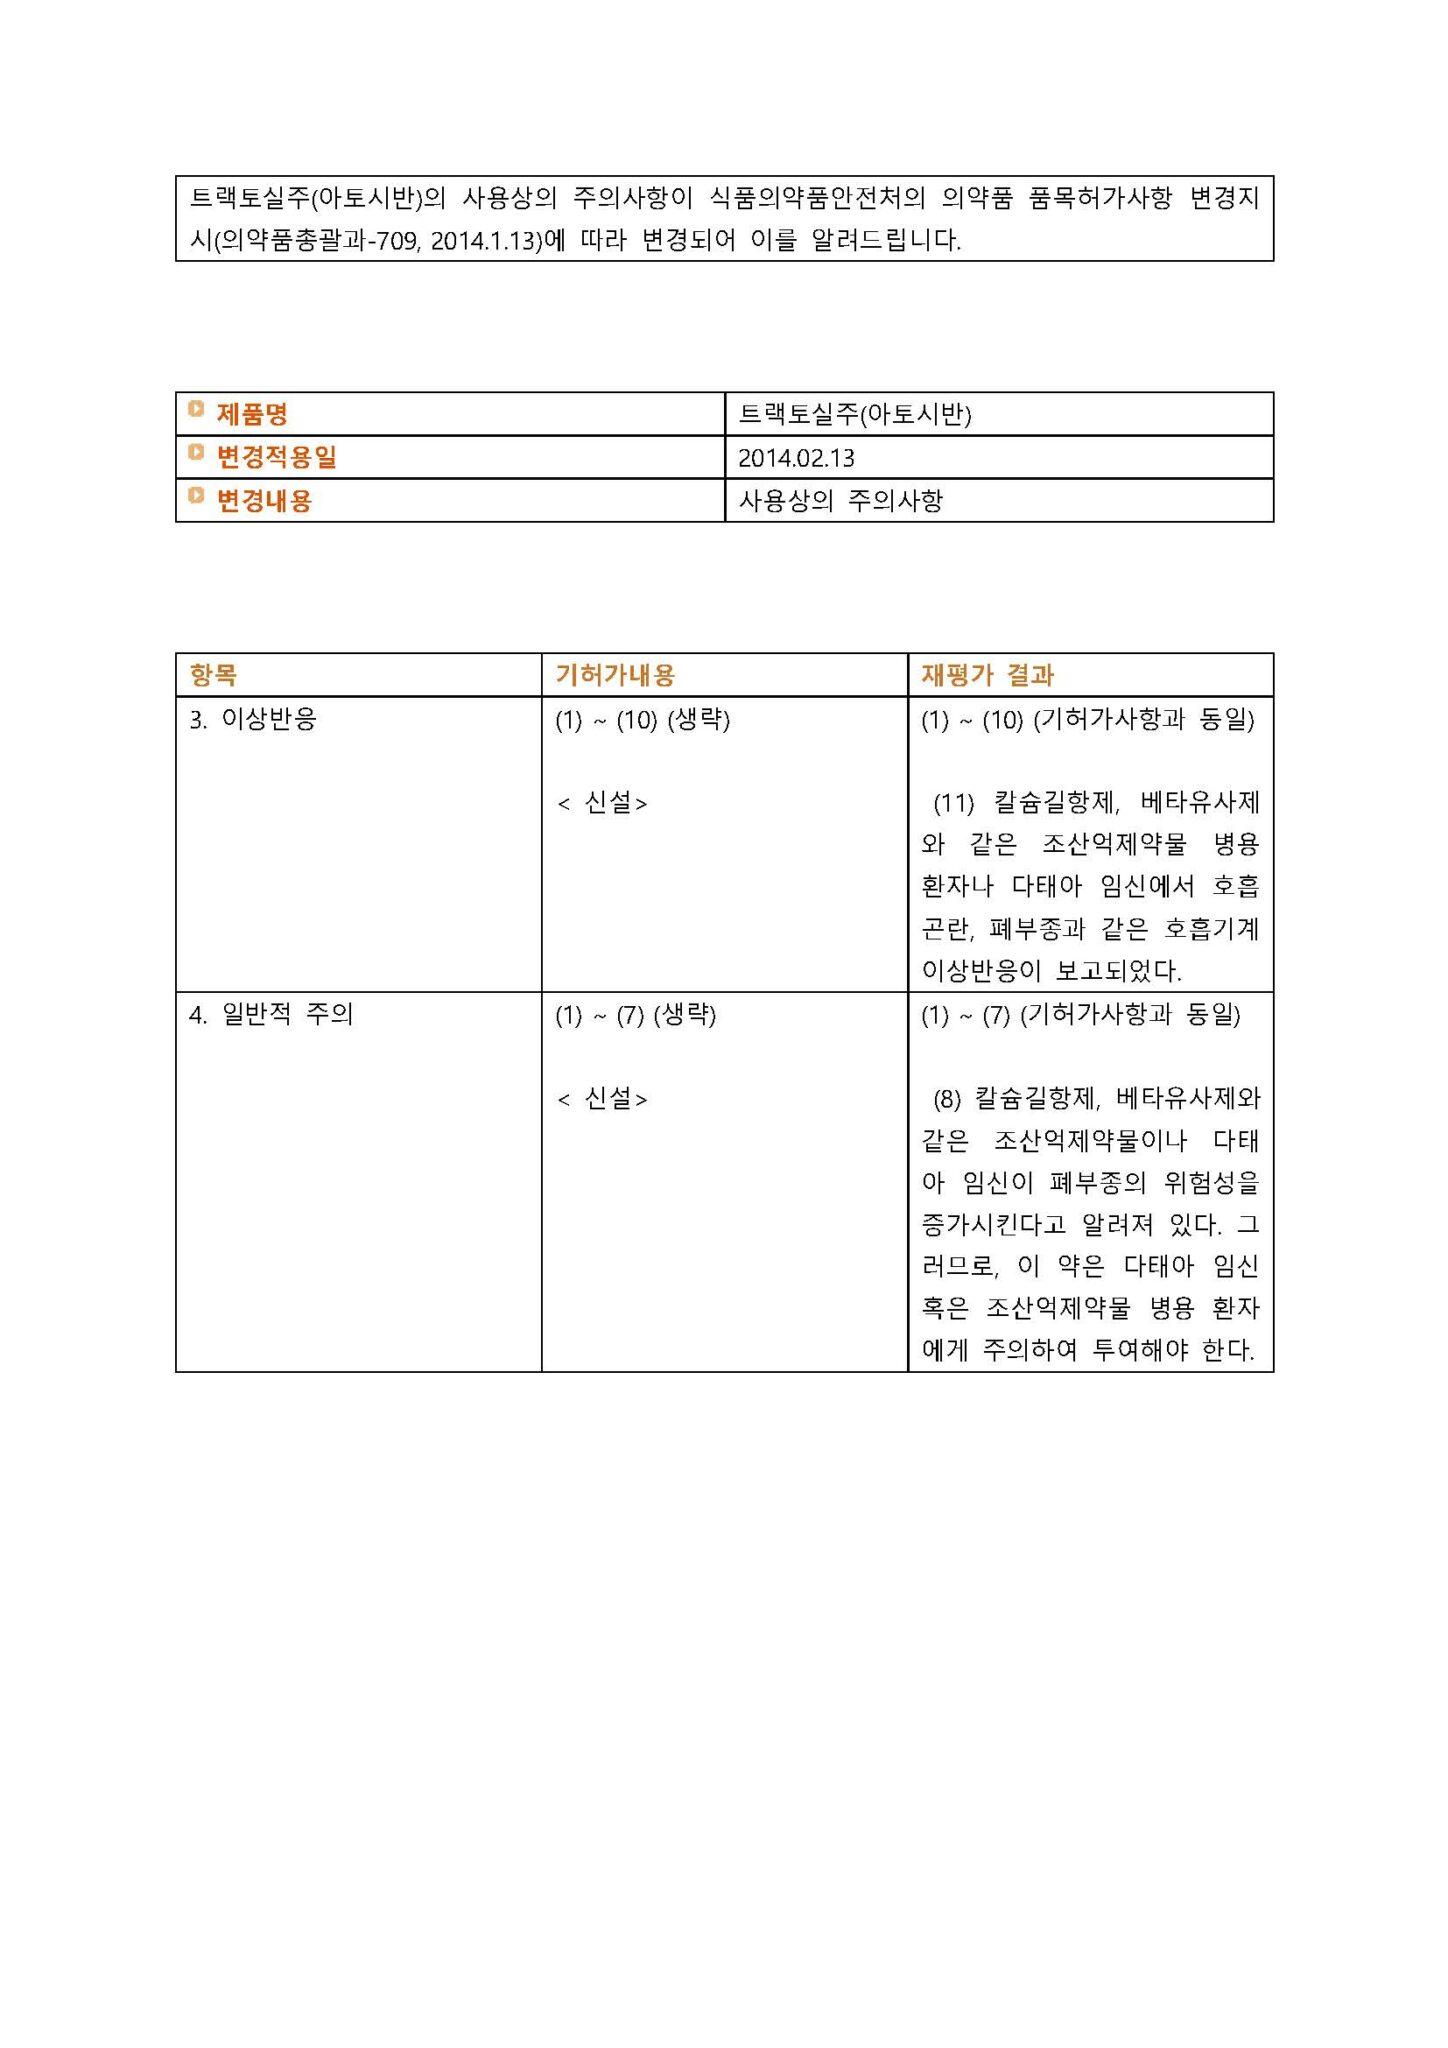 트랙토실주(아토시반) 변경일 2014.02.13